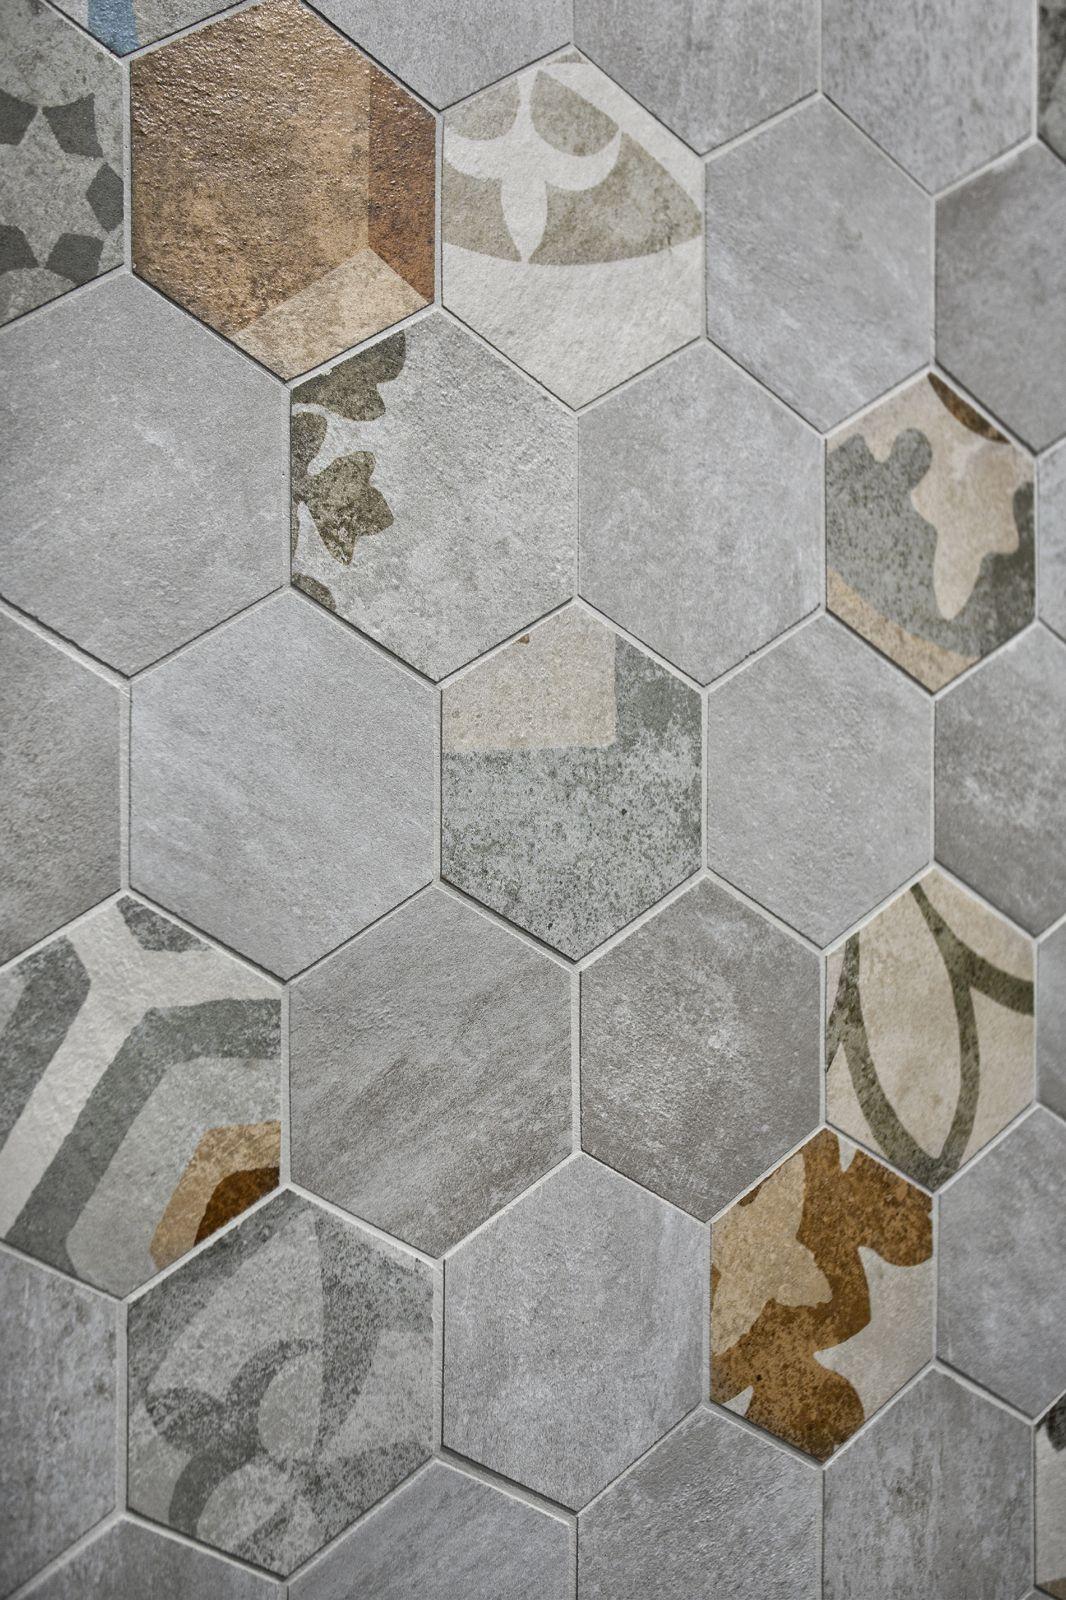 Piastrelle esagonali ritorno alla tradizione piastrelle esagonali piastrelle e pavimenti - Piastrelle decorative ...